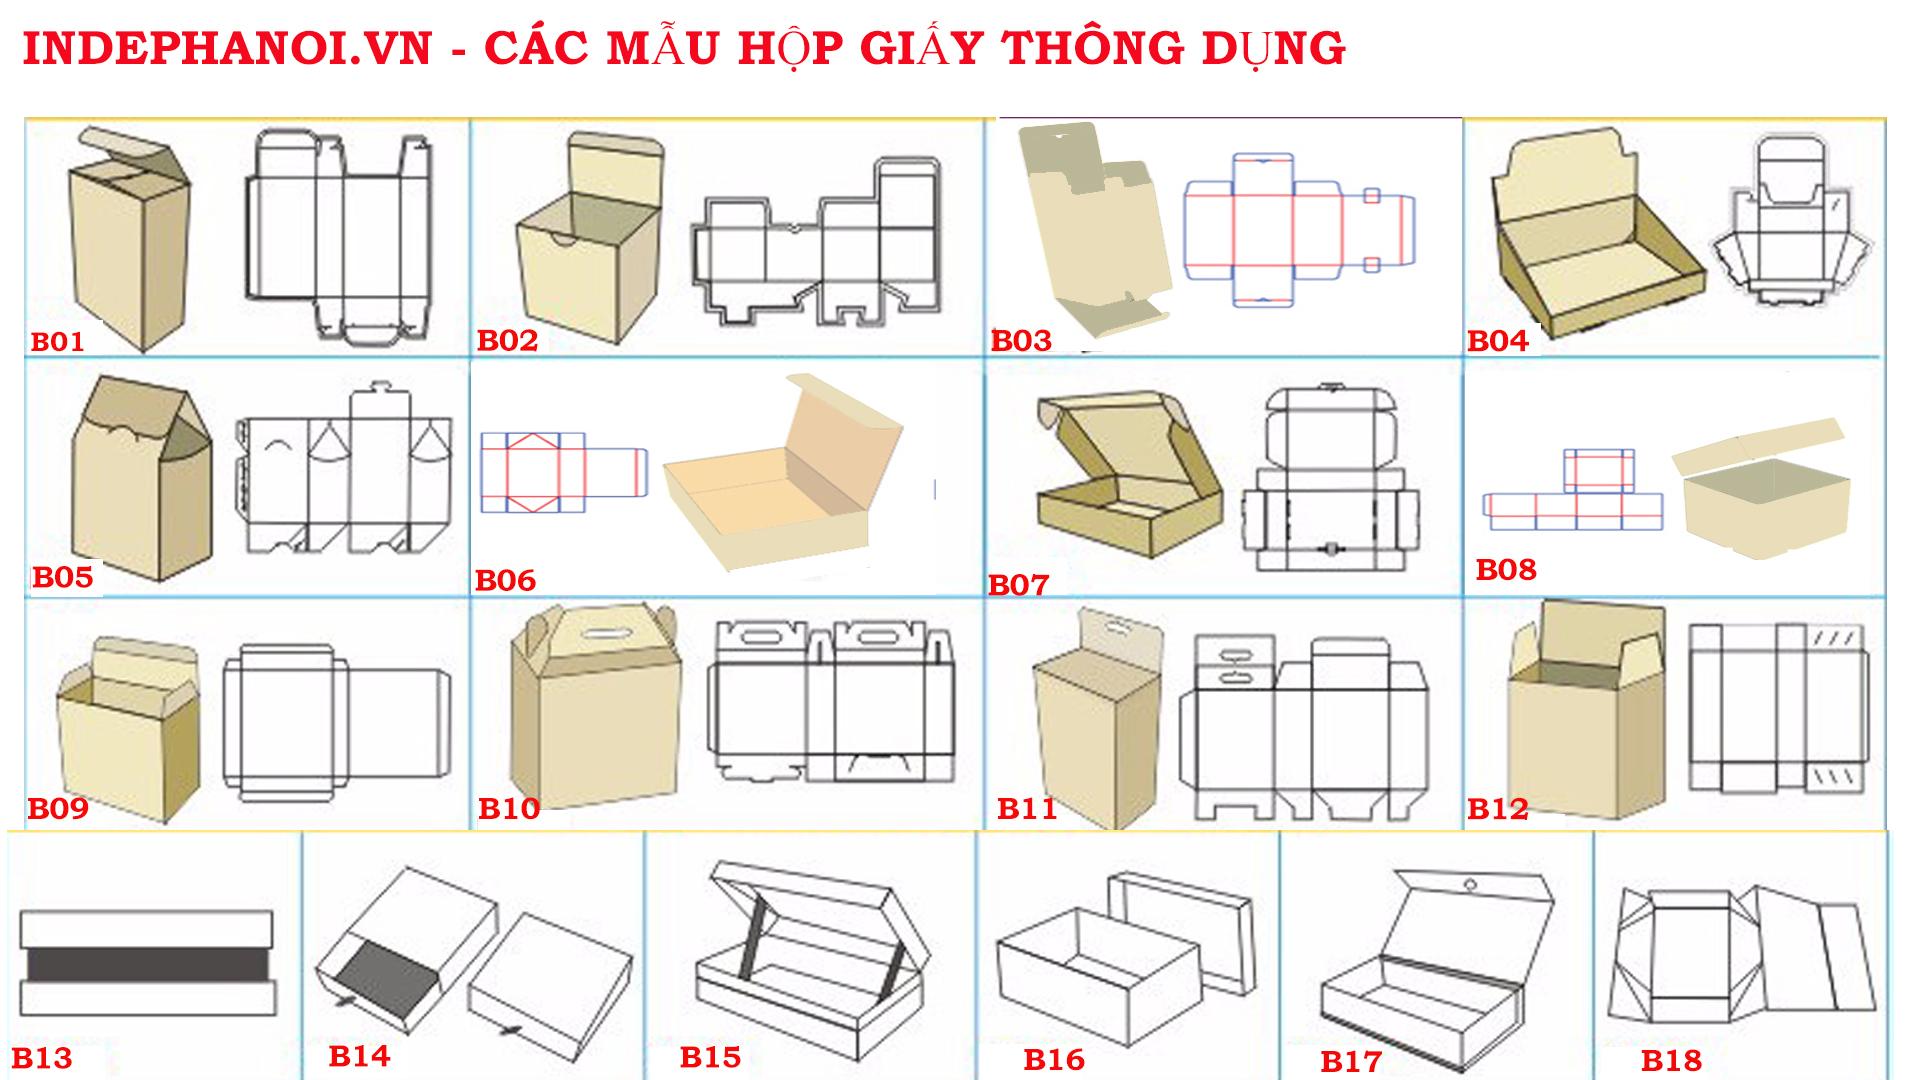 Mẫu in hộp giấy thông dụng